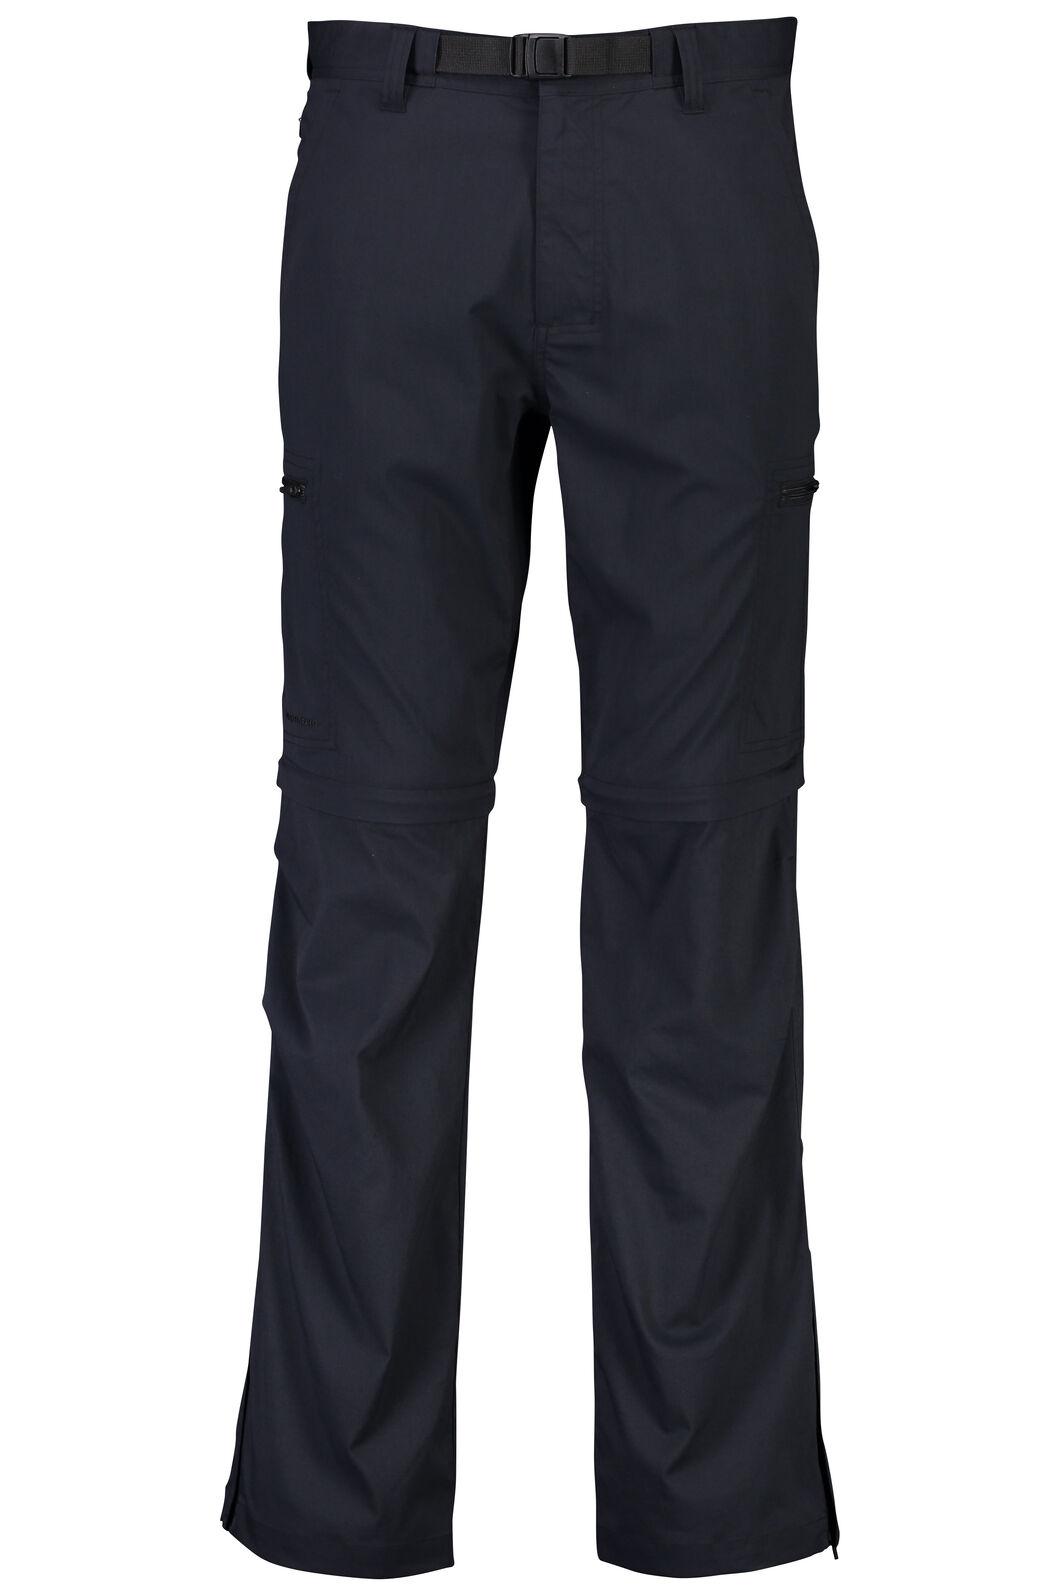 Rockover Convertible Pants - Men's, Black, hi-res